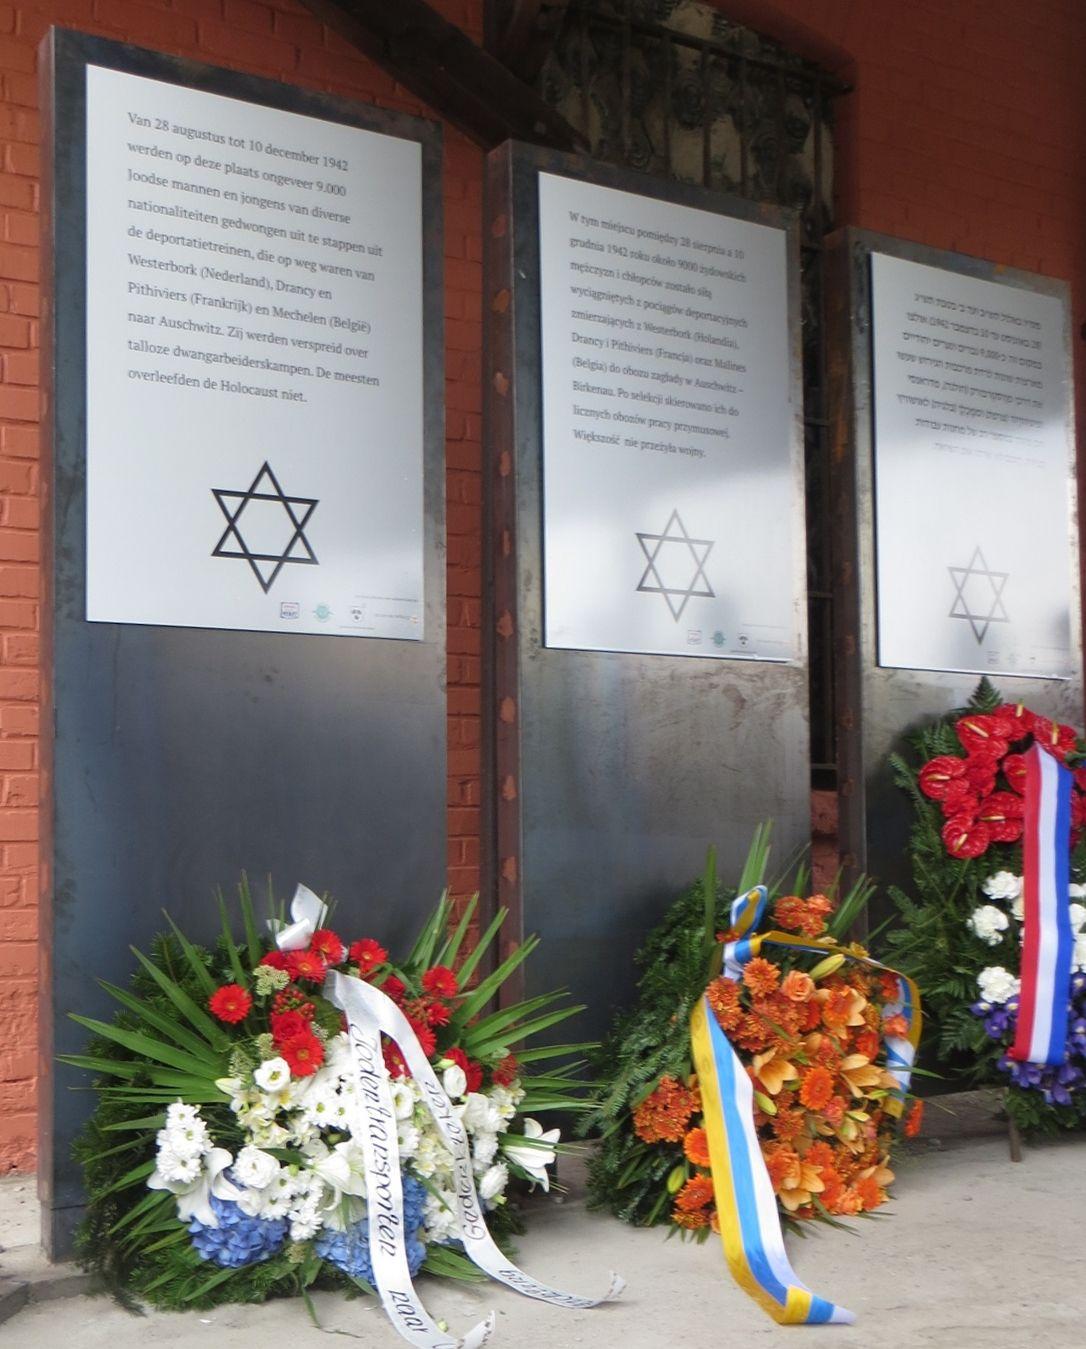 Tablice na stacji w Koźlu upamiętniające transporty zachodnioeuropejskich Żydów, które trafiły między innymi do Arbeitslager Annaberg.